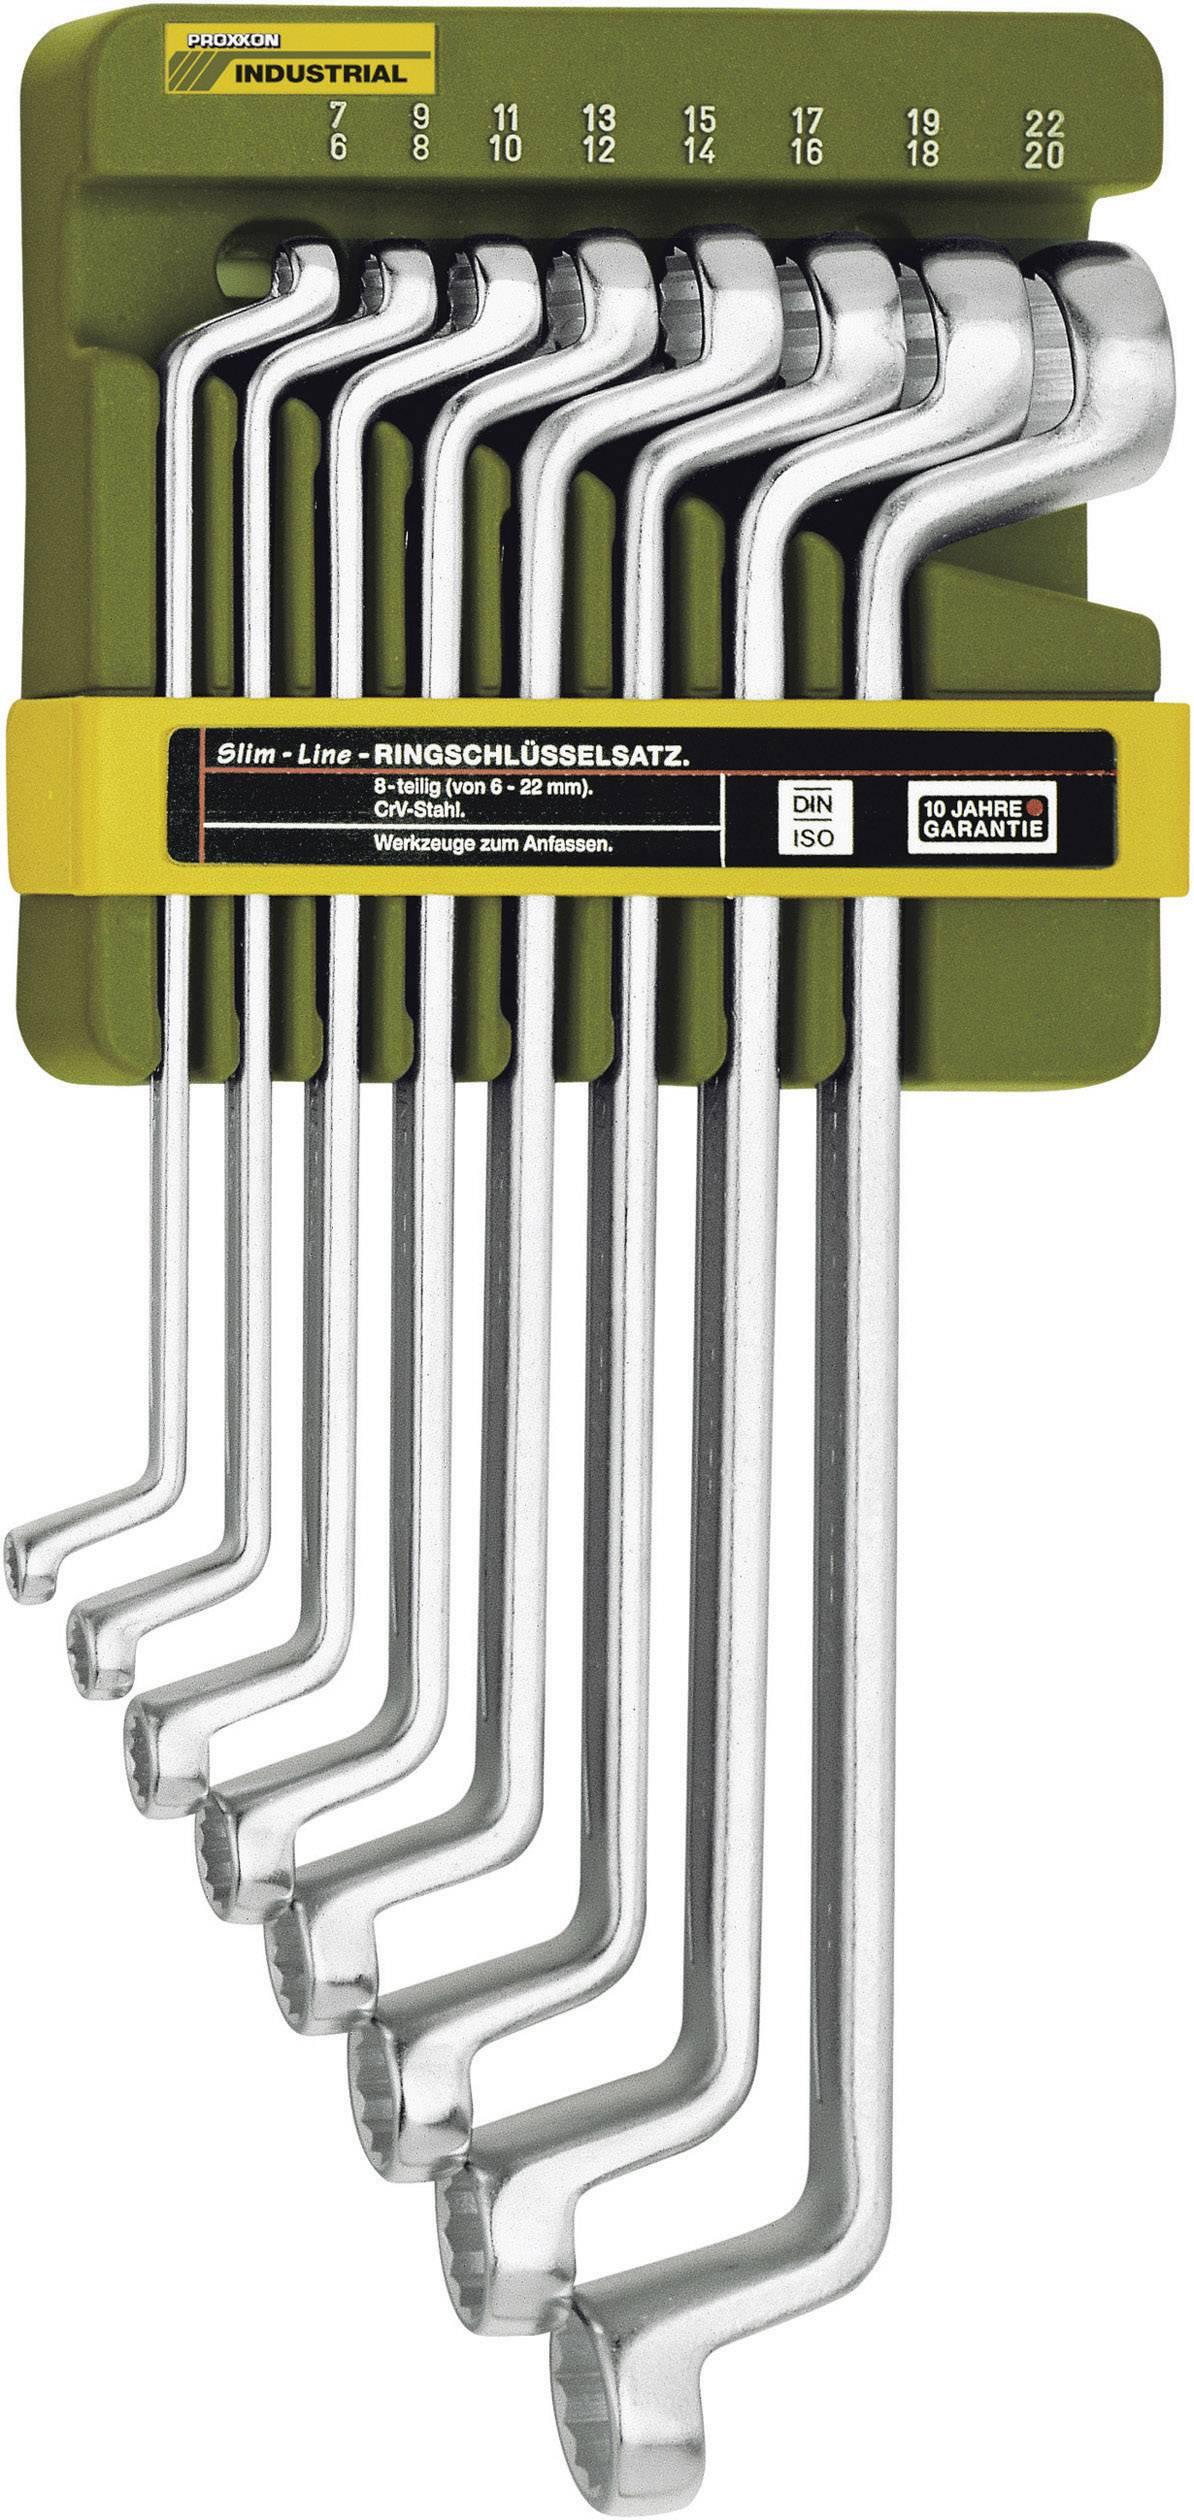 Súprava obojstranných očkových kľúčov Proxxon Industrial SlimLine 23 810, 8-dielna, 6 - 22 mm, N/A